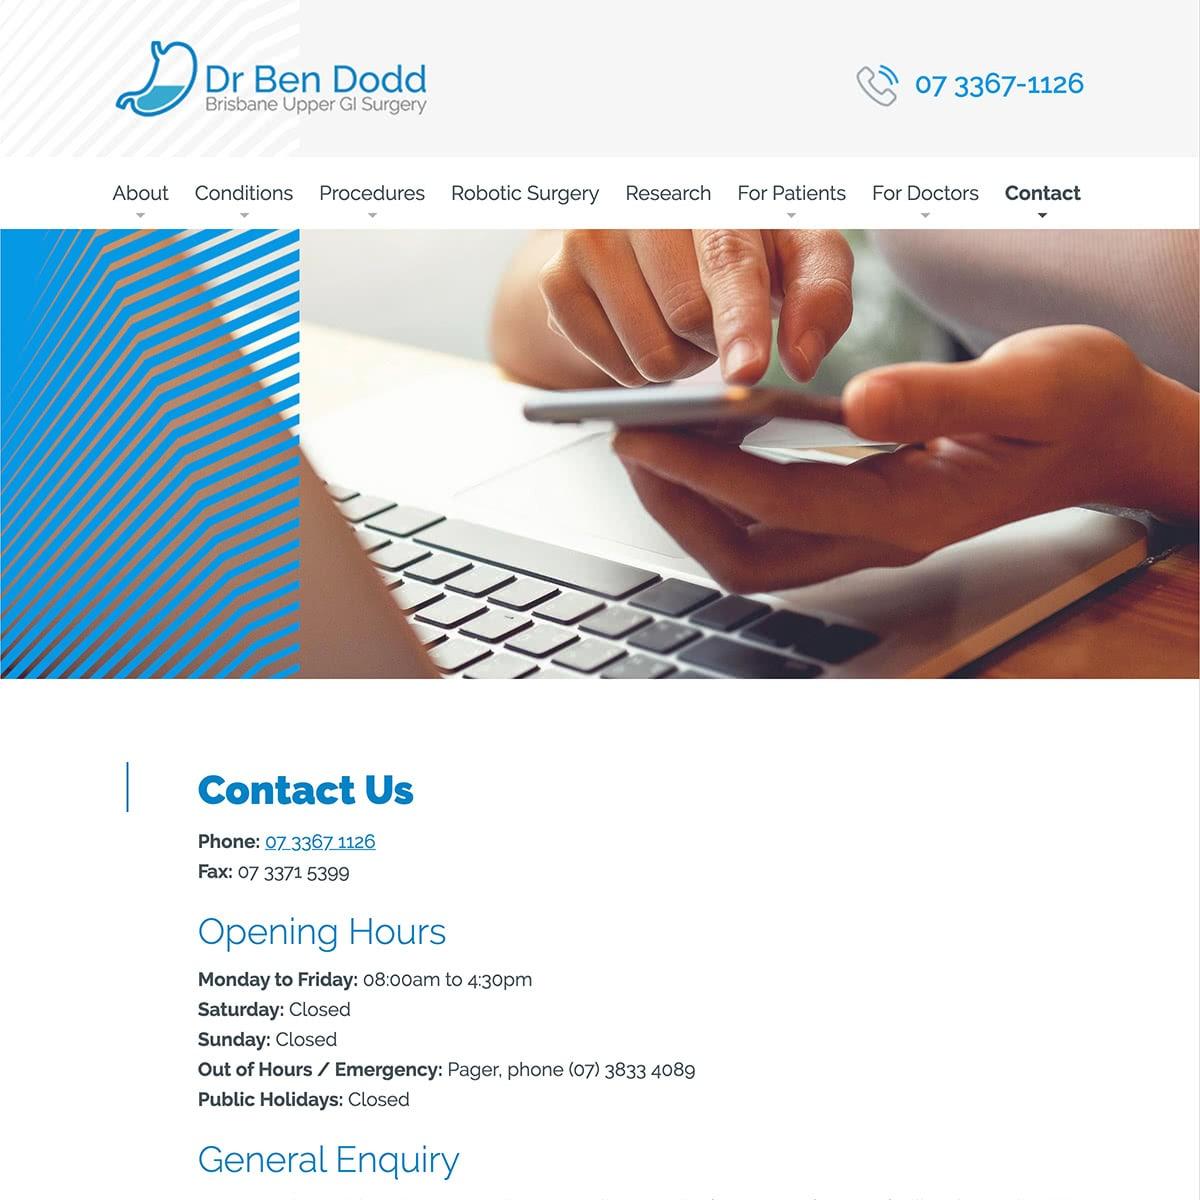 Dr Ben Dodd - Contact